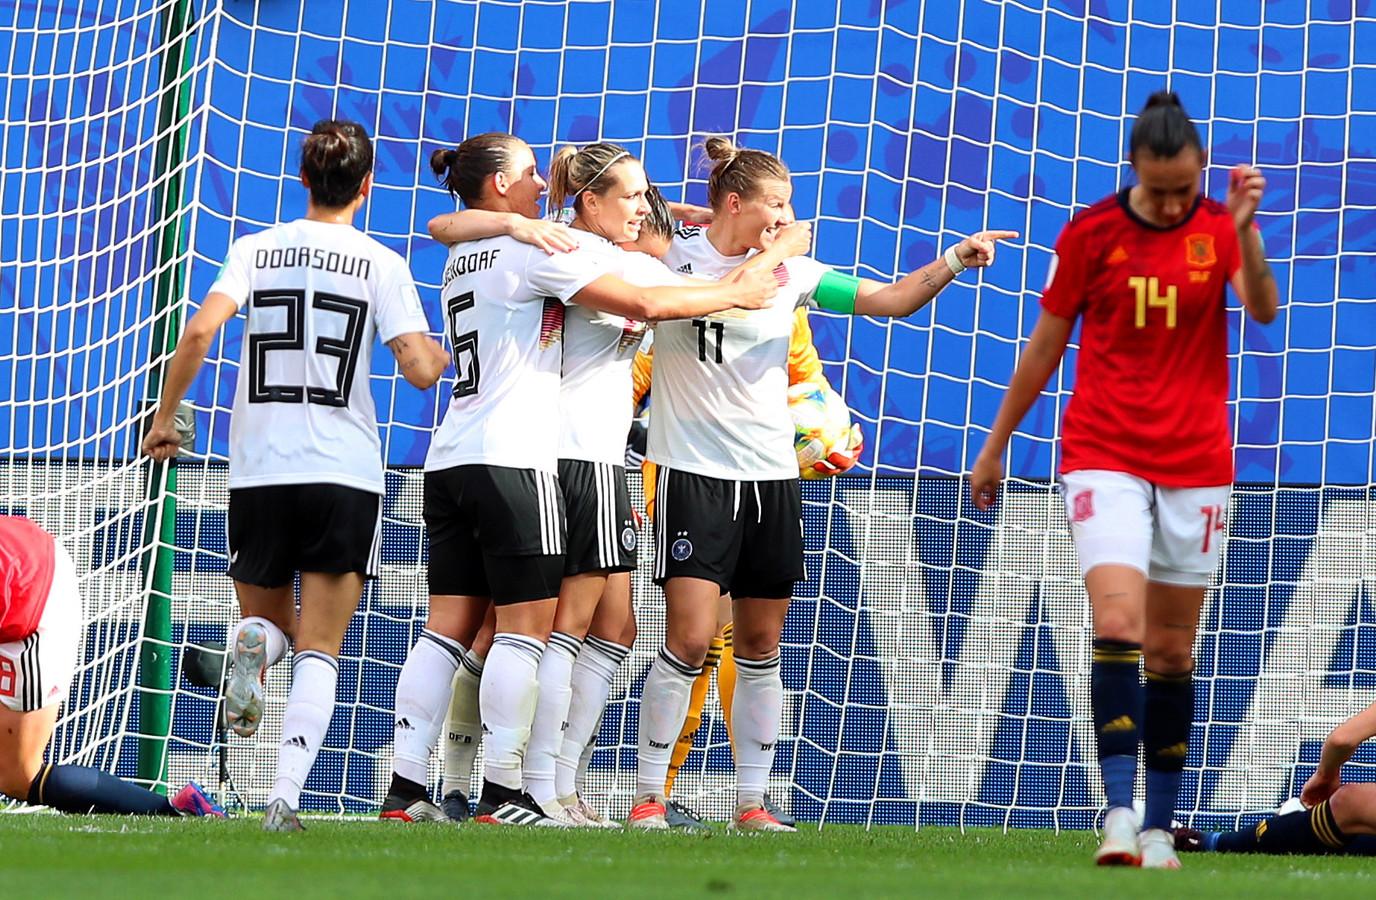 Duitsland viert feest na de enige goal van de wedstrijd